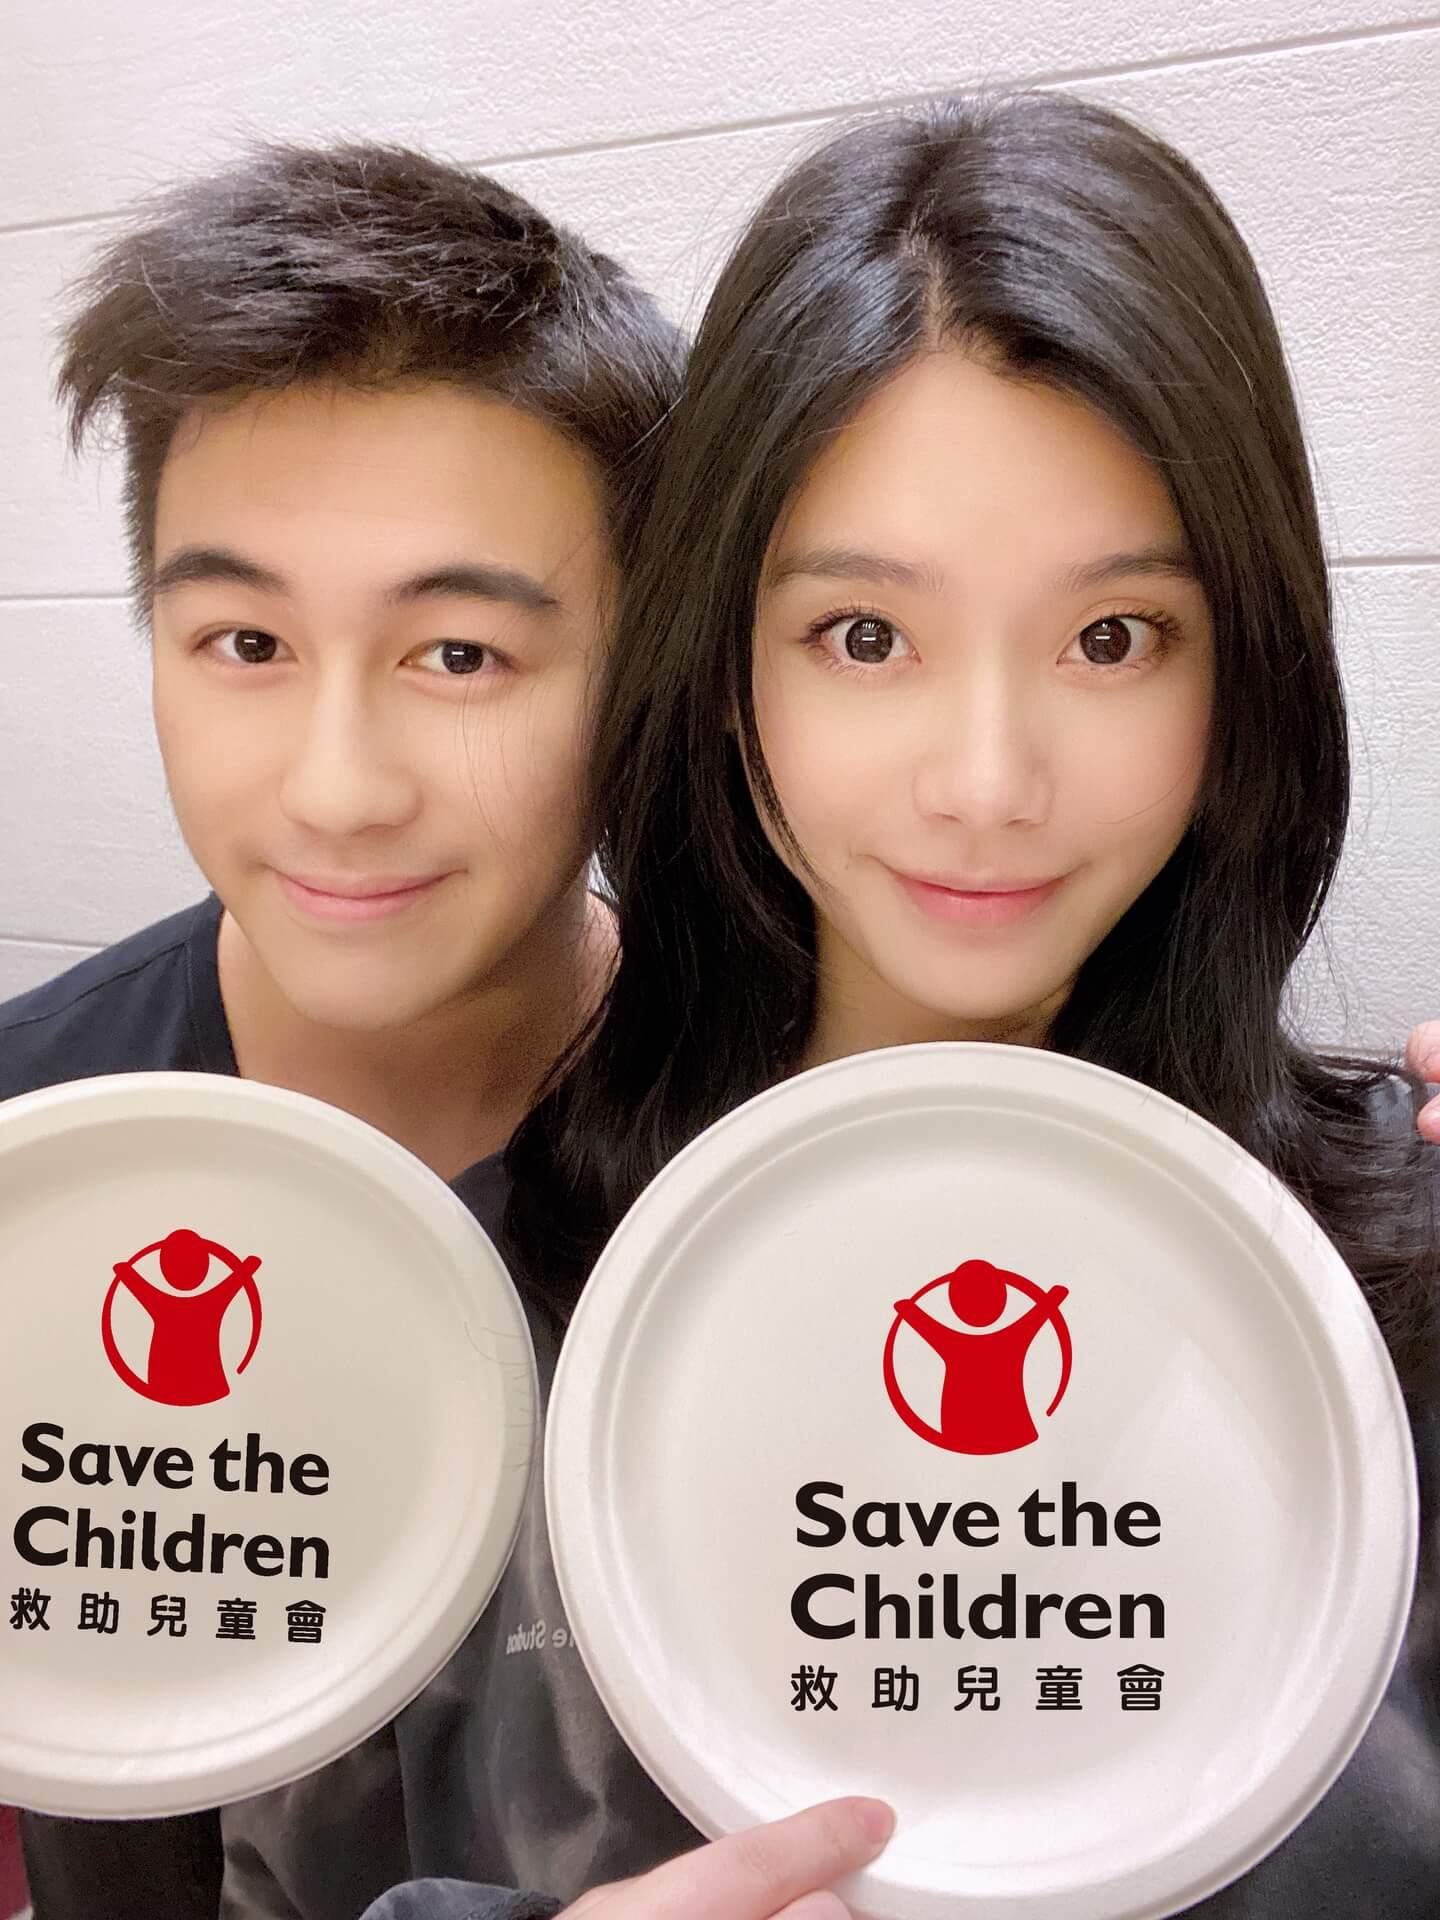 1e-mario-ho-and-his-wife-ming-xi-avid-supporters-of-save-the-children-hong-kong_%e8%aa%bf%e6%95%b4%e5%a4%a7%e5%b0%8f